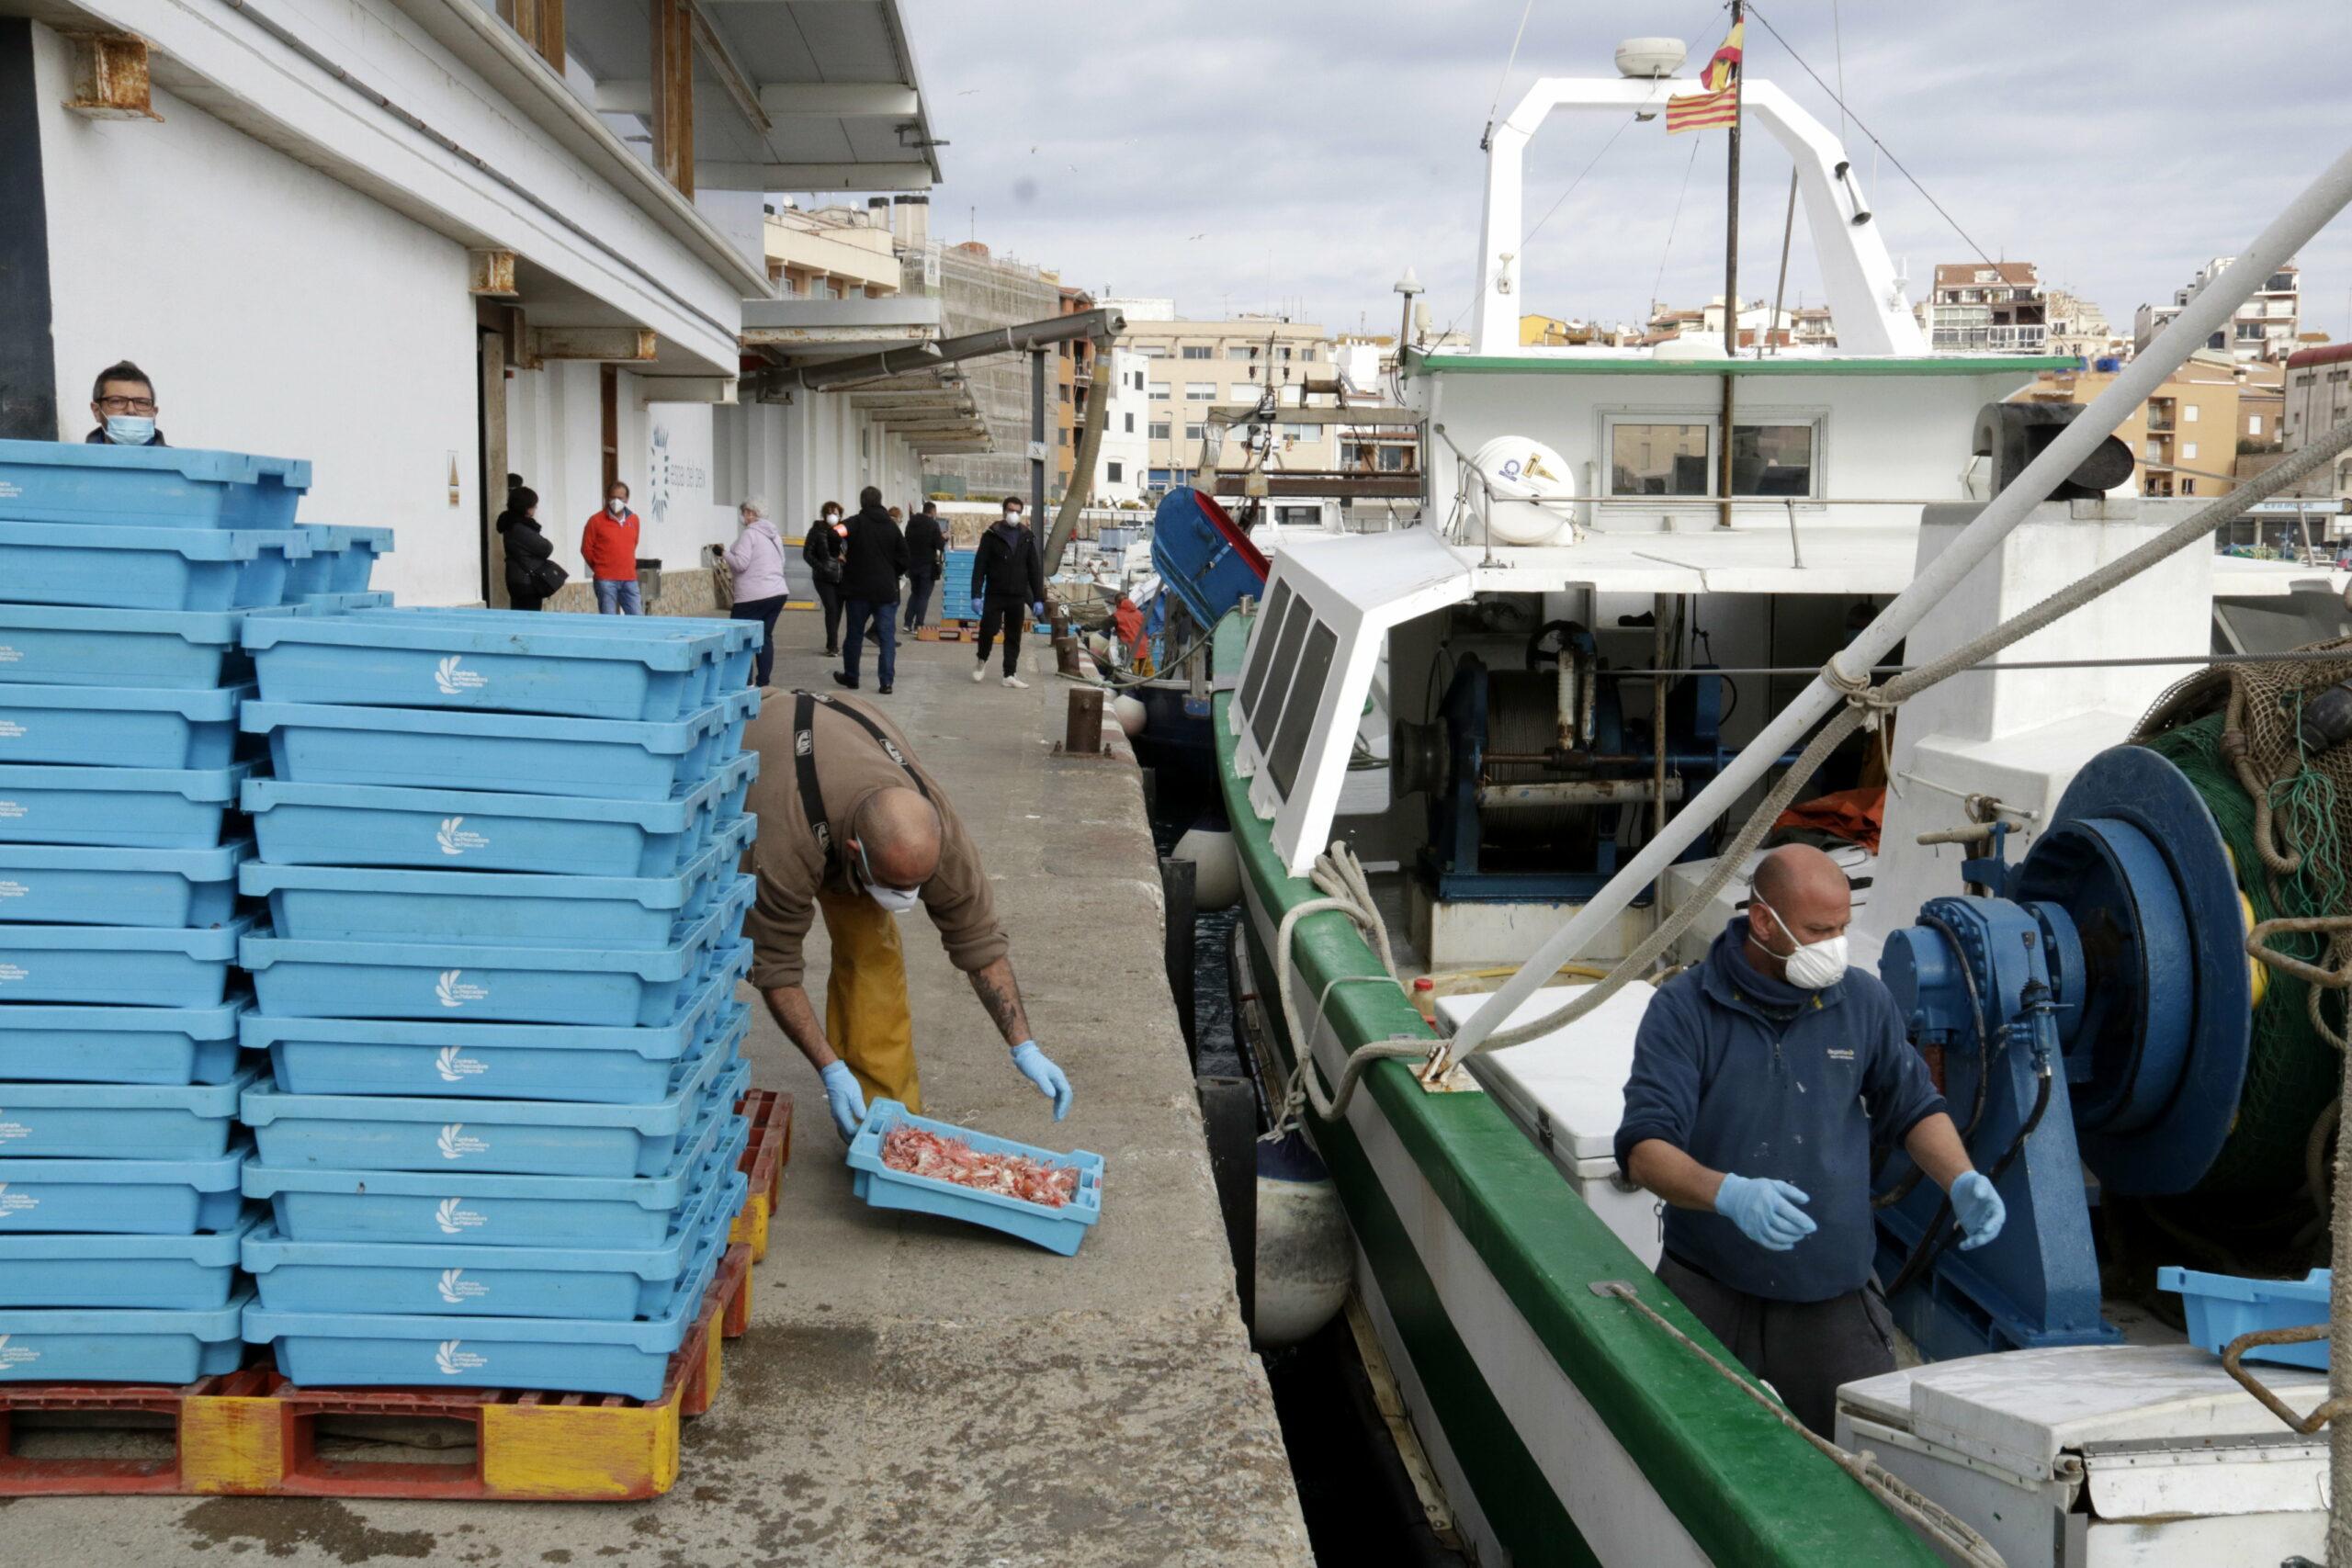 Pescadors de la flota d'arrossegament de Palamós descarregant captures abans de l'aturada | ACN